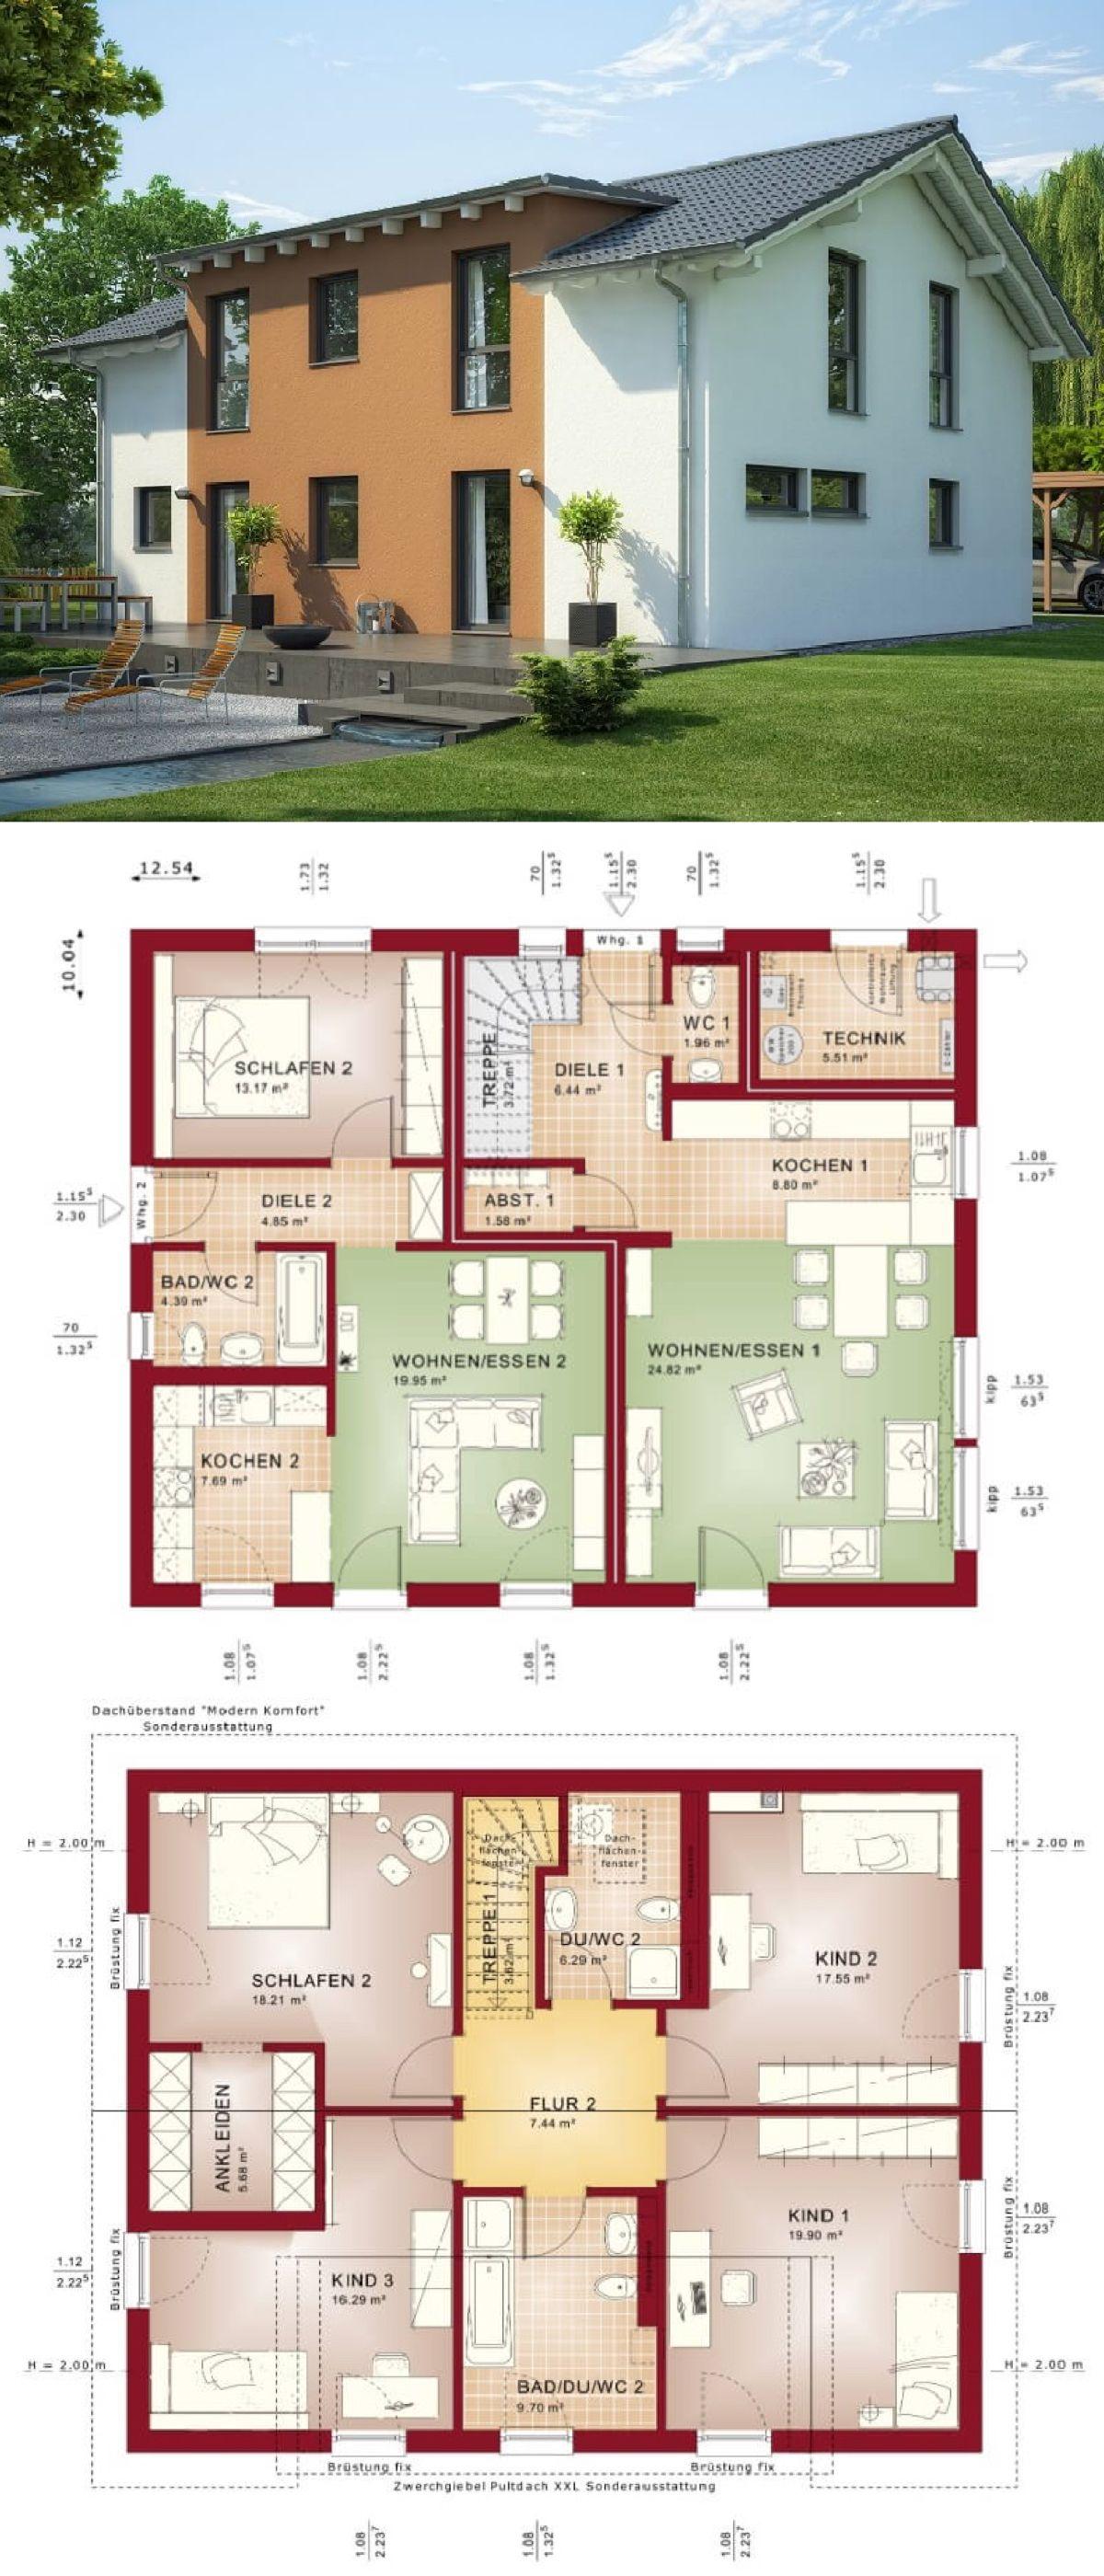 Modernes Einfamilienhaus Mit Einliegerwohnung U0026 Satteldach Architektur   Haus  Bauen Ideen Grundriss Zweifamilienhaus Evolution 207 V6